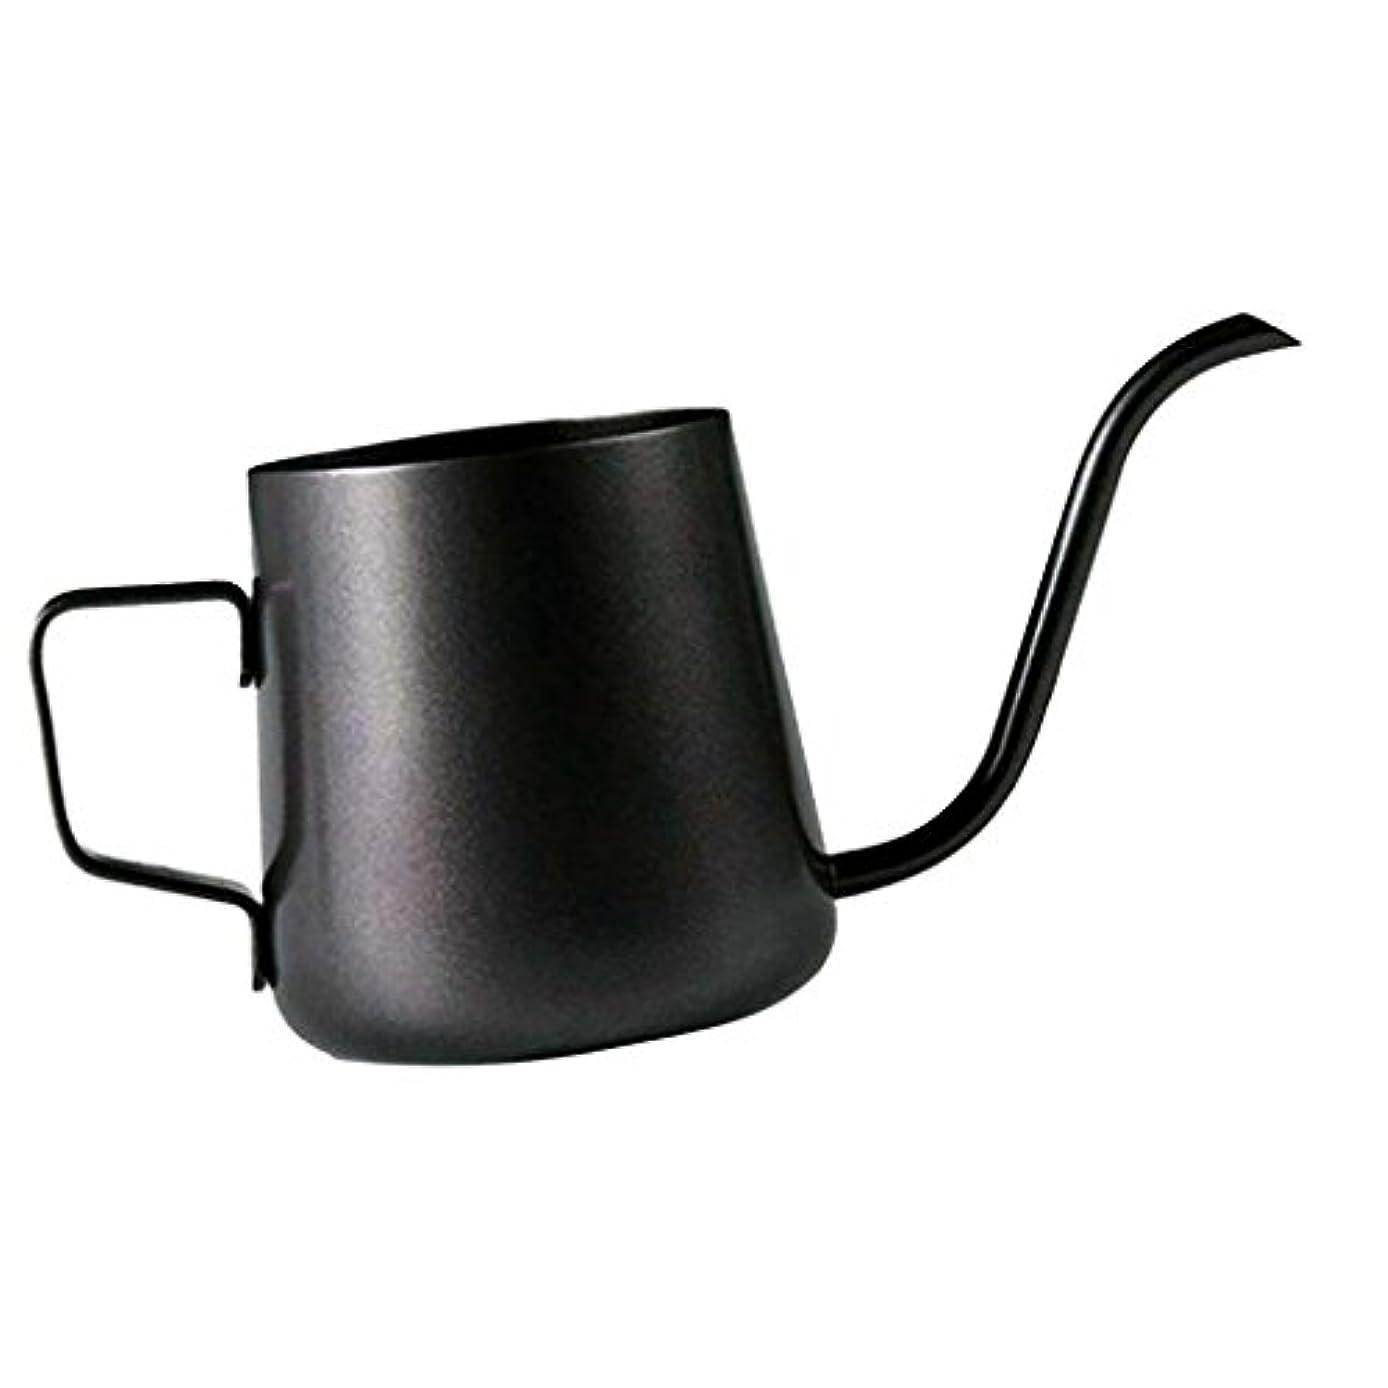 靄小道抵抗力があるHomeland コーヒーポット お茶などにも対応 クッキング用品 ステンレス製 エスプレッソポット ケトル - ブラック, 250ミリリットル